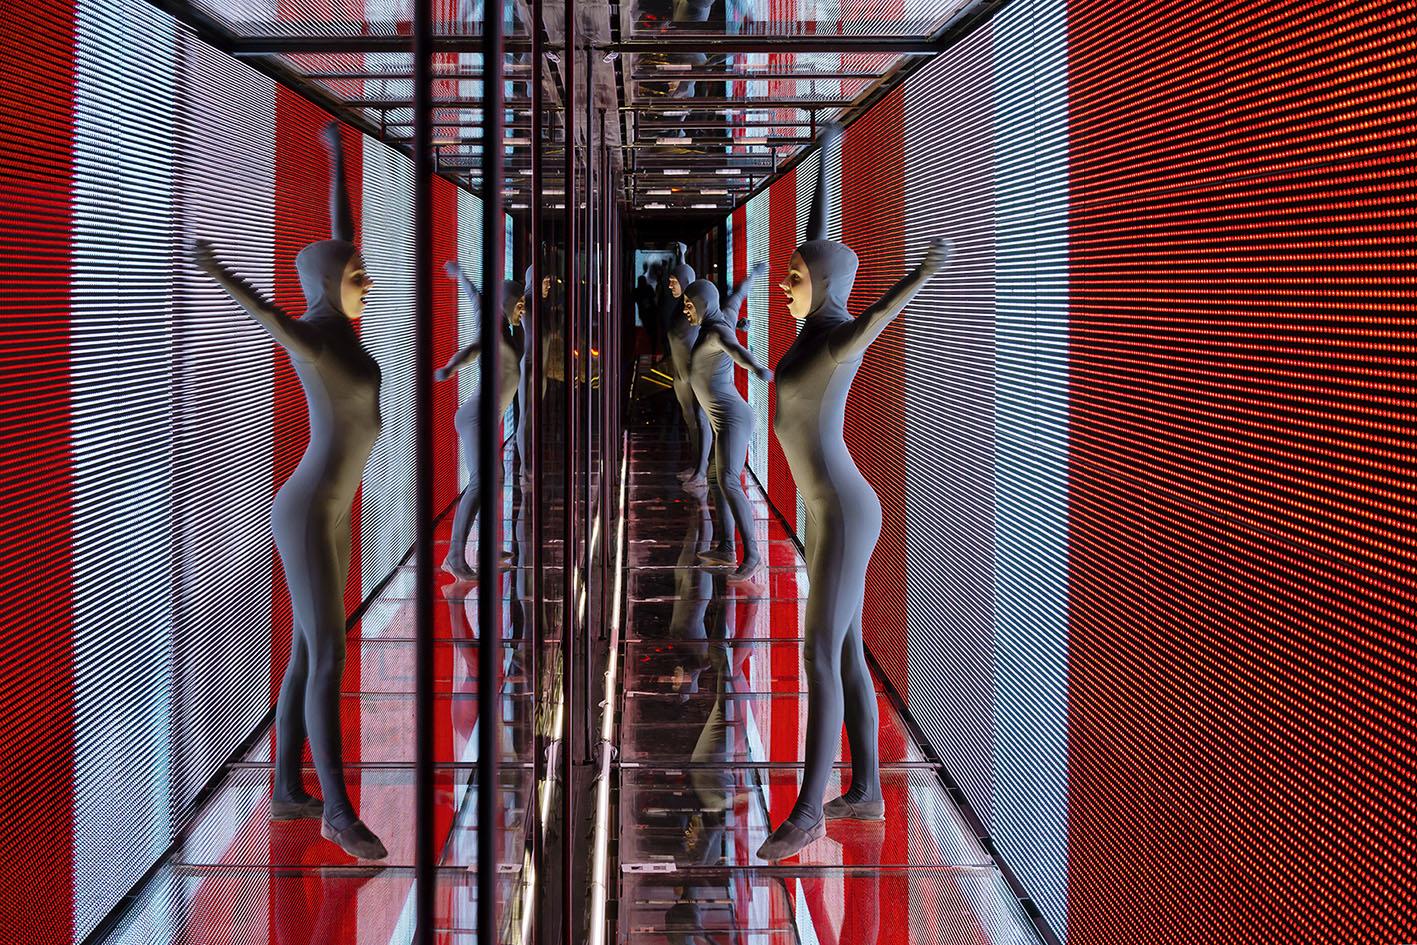 00 Showcase architecture 163 53217e9c19033